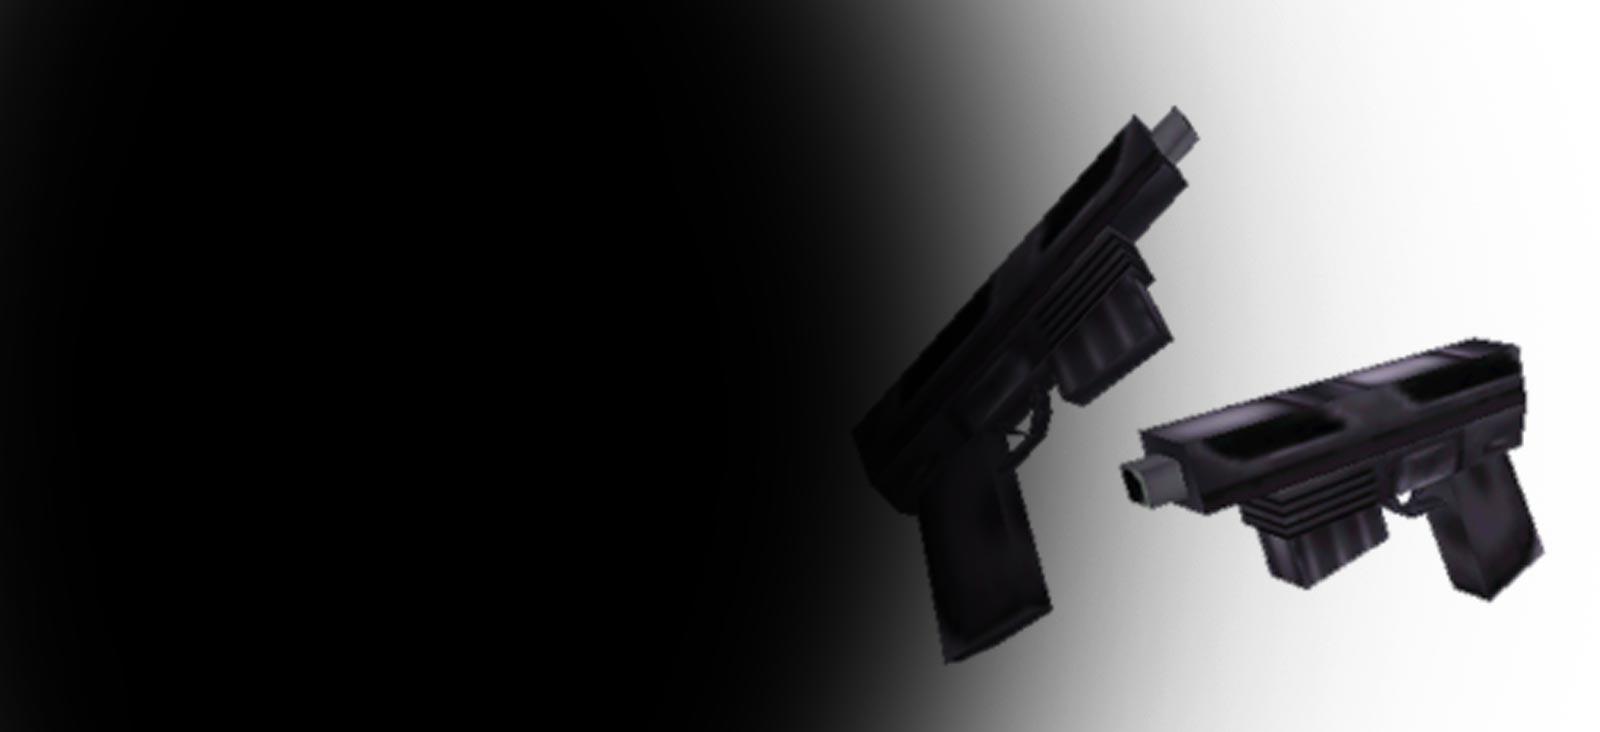 Les pistolets automatiques